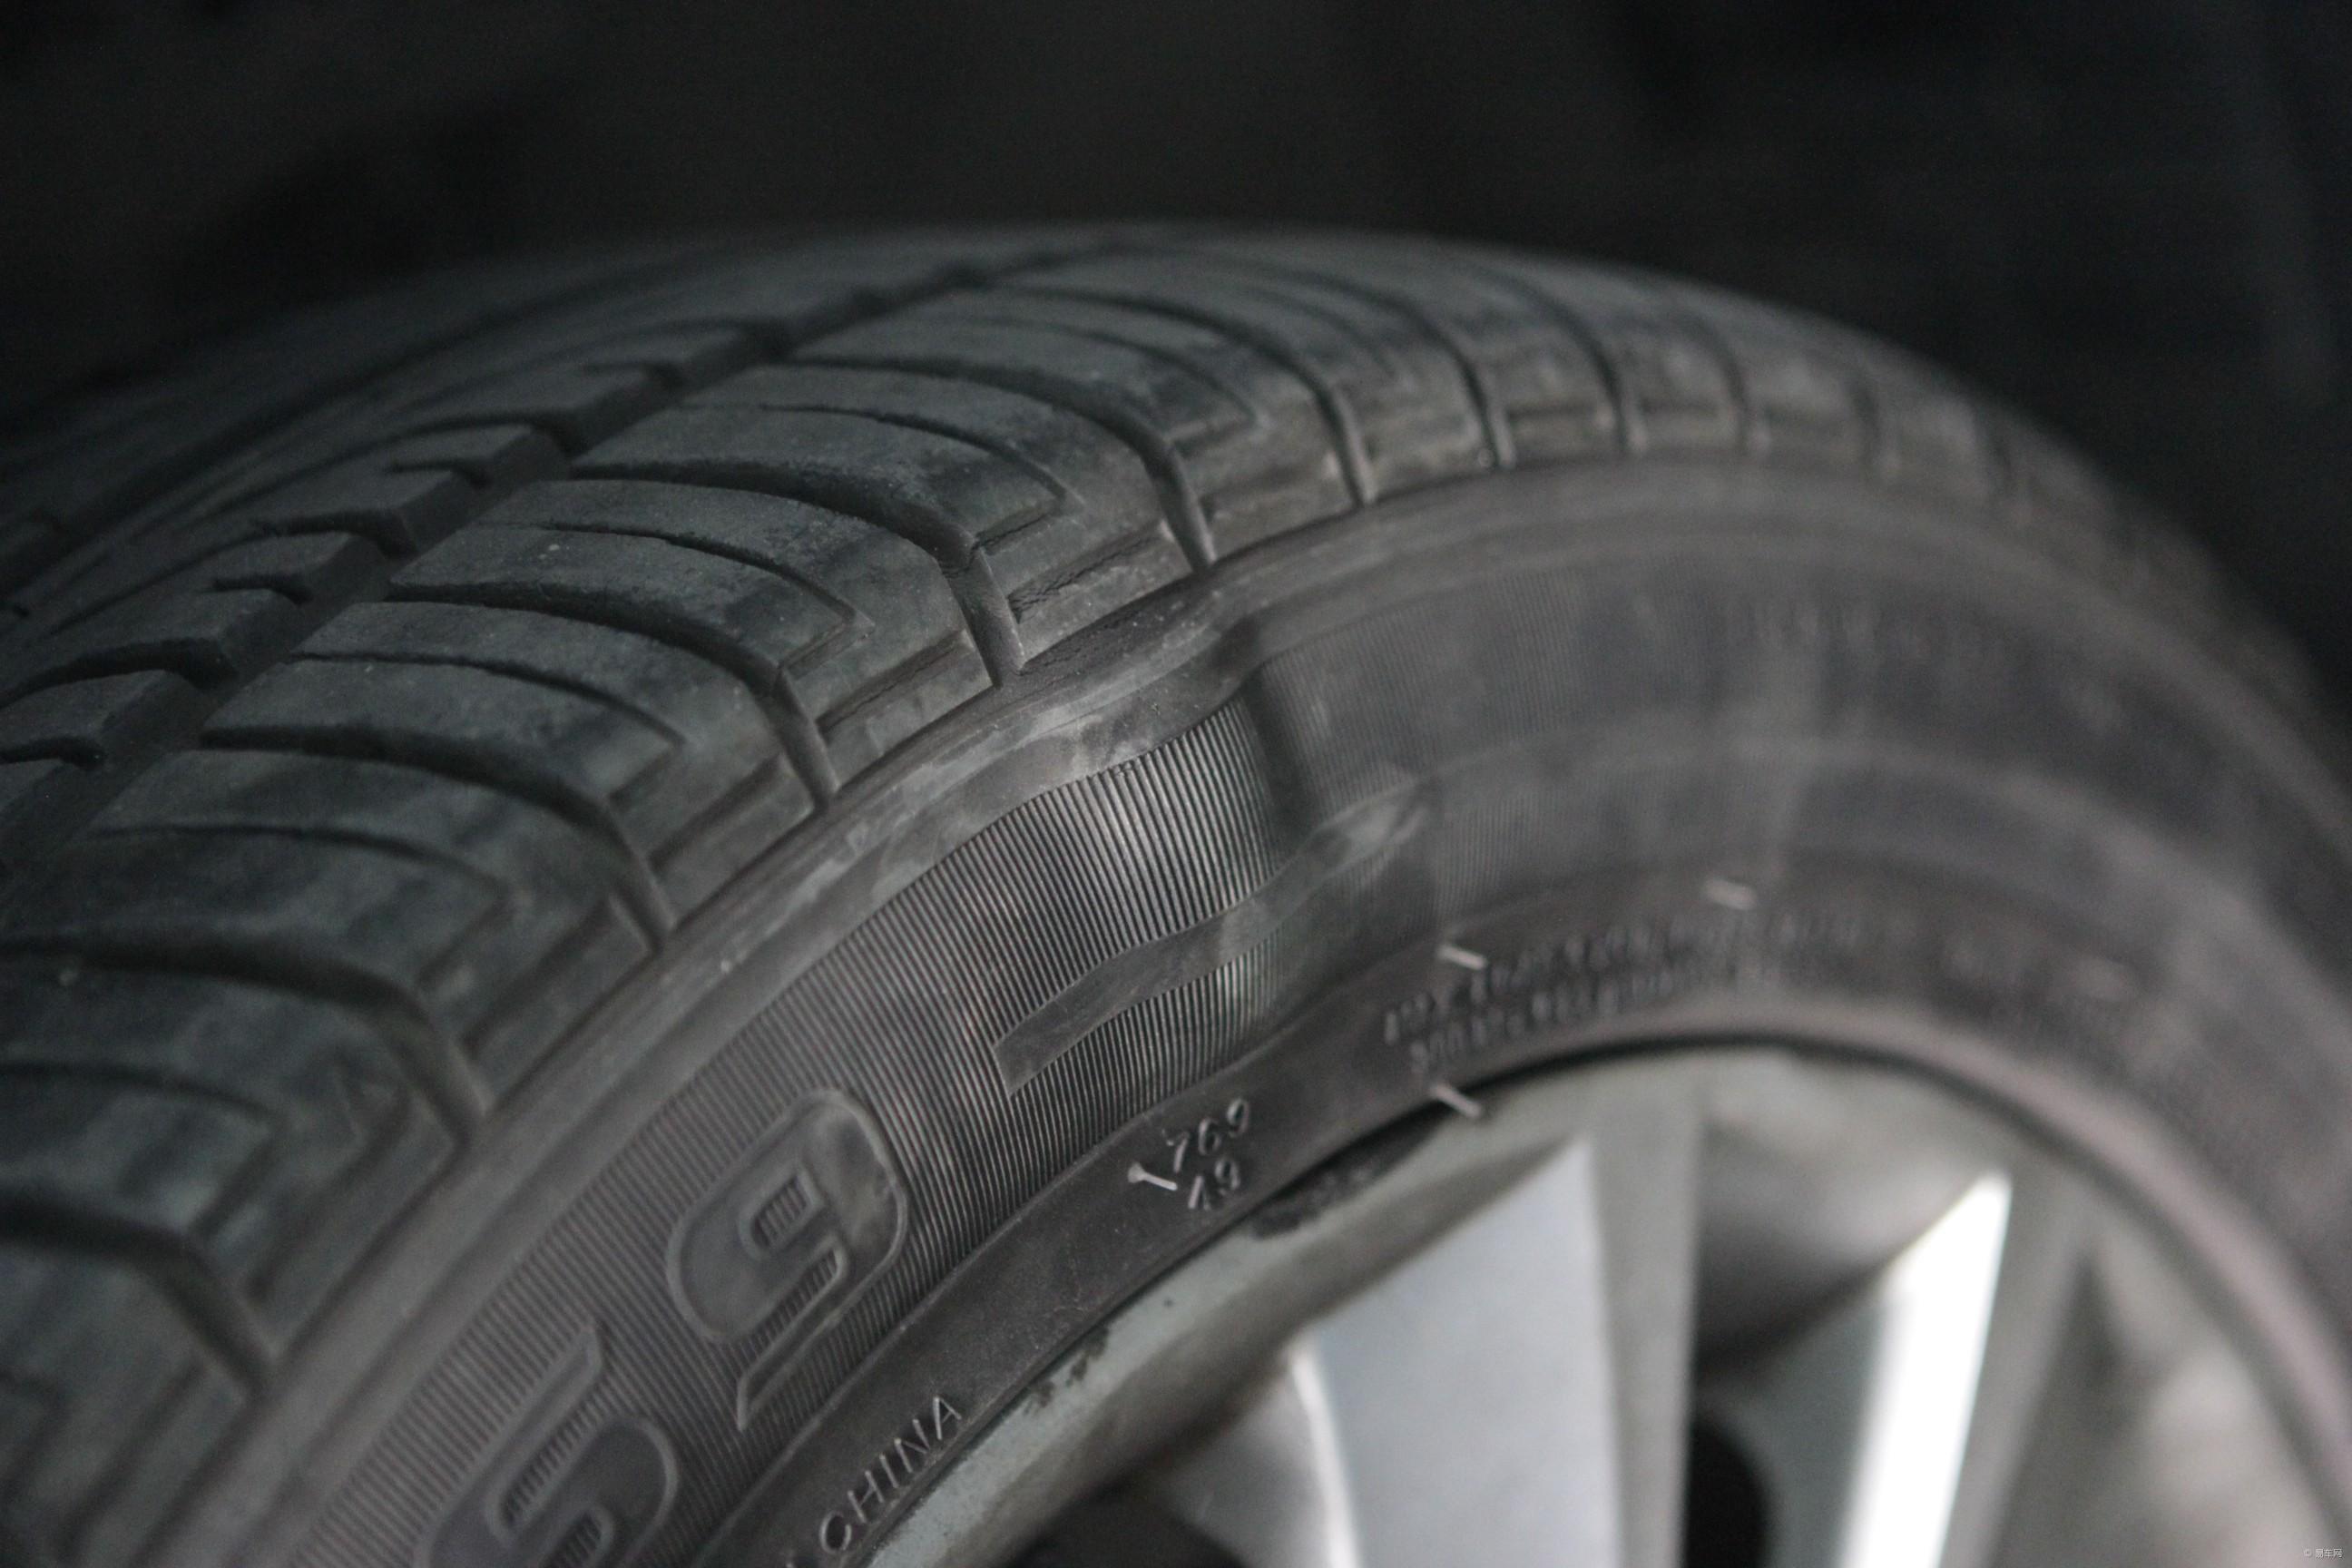 汽修知识:轮胎鼓包是否需要拆下来? 新鲜资讯 第1张